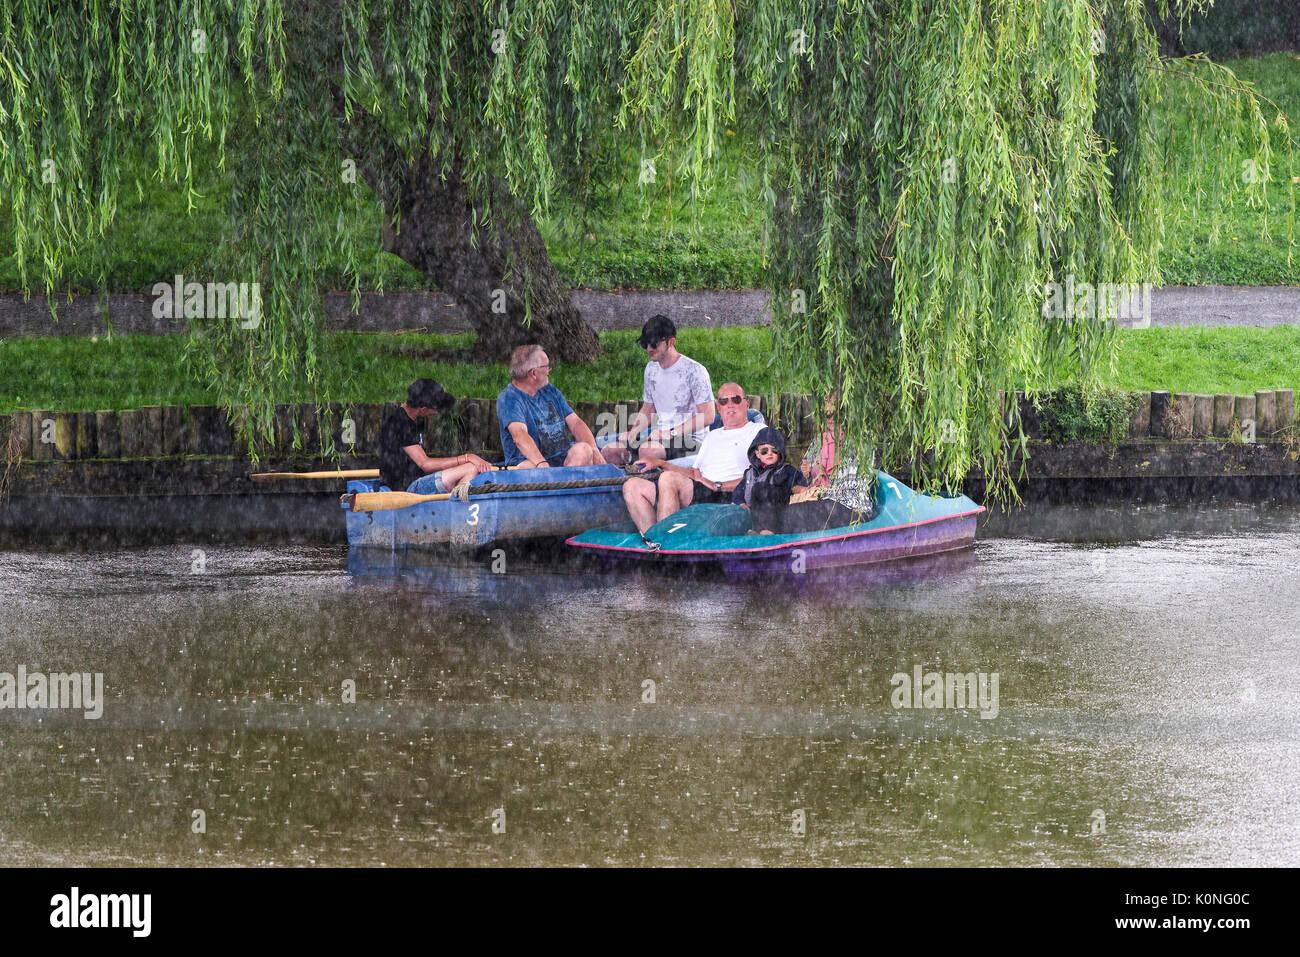 Los turistas en un lago con botes, refugiarse bajo un árbol de sauce desde un aguacero torrencial. Imagen De Stock